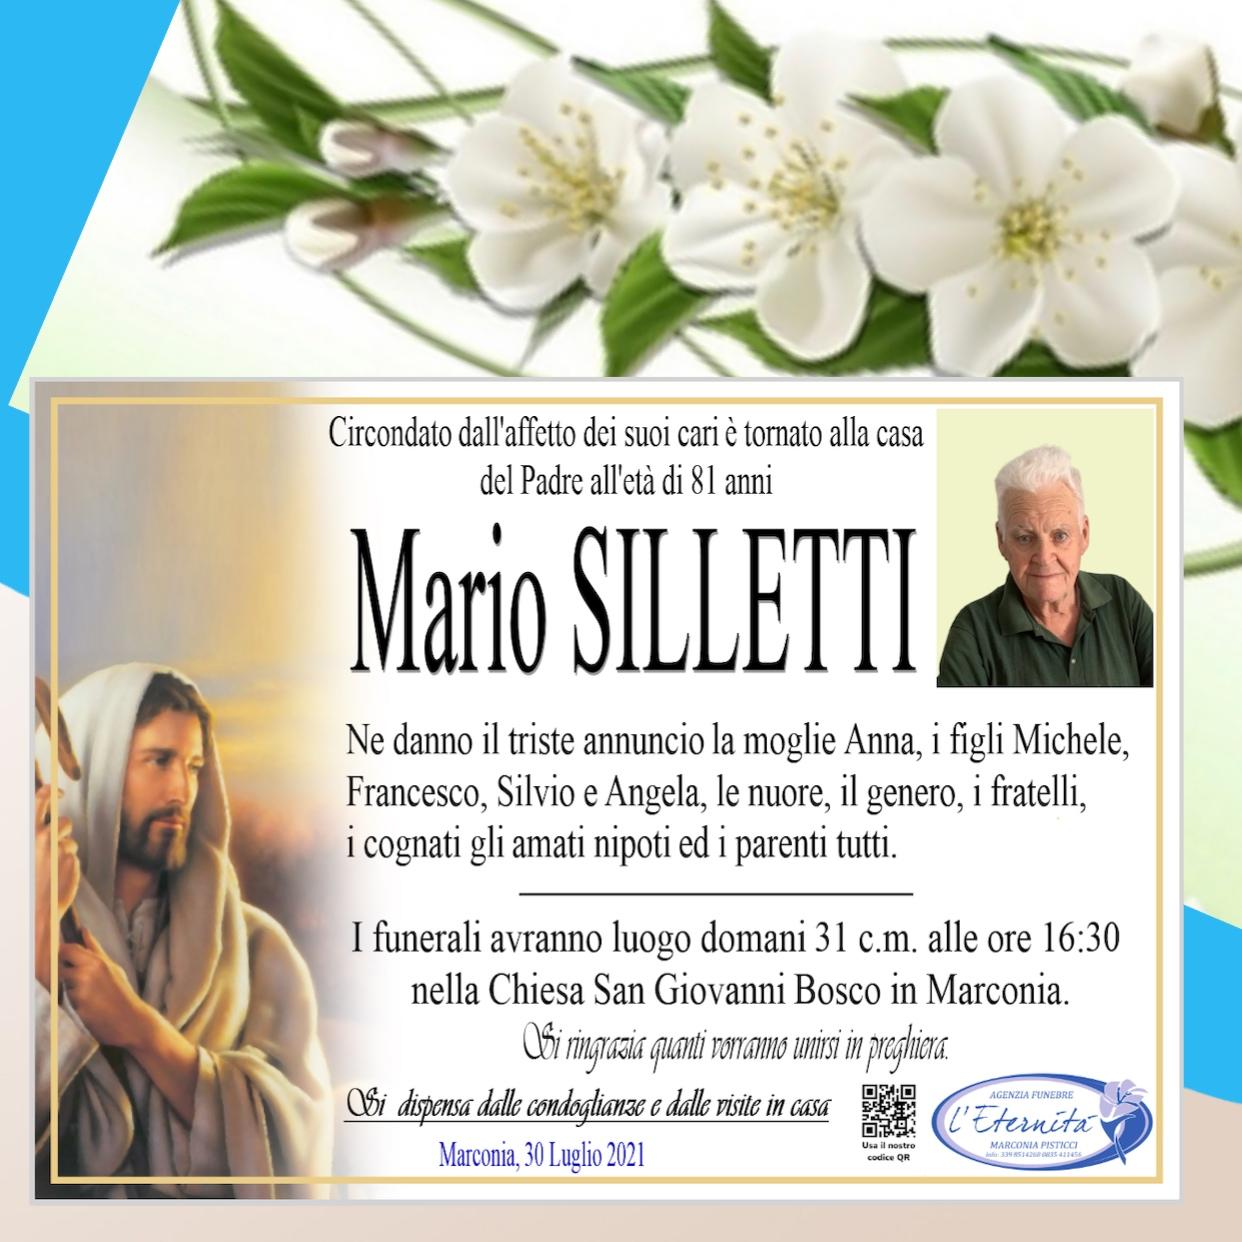 Mario SILLETTI